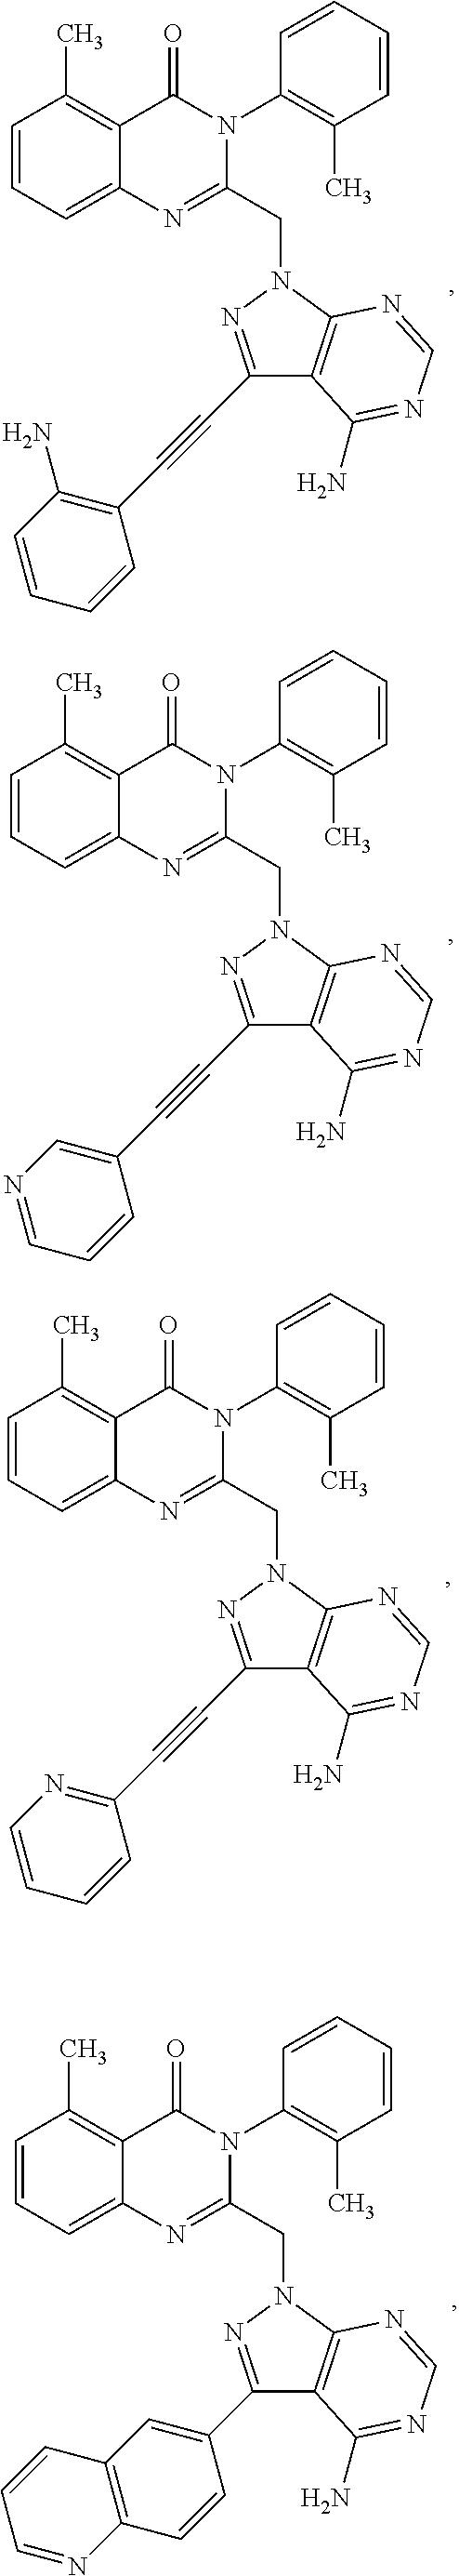 Figure US09493467-20161115-C00047